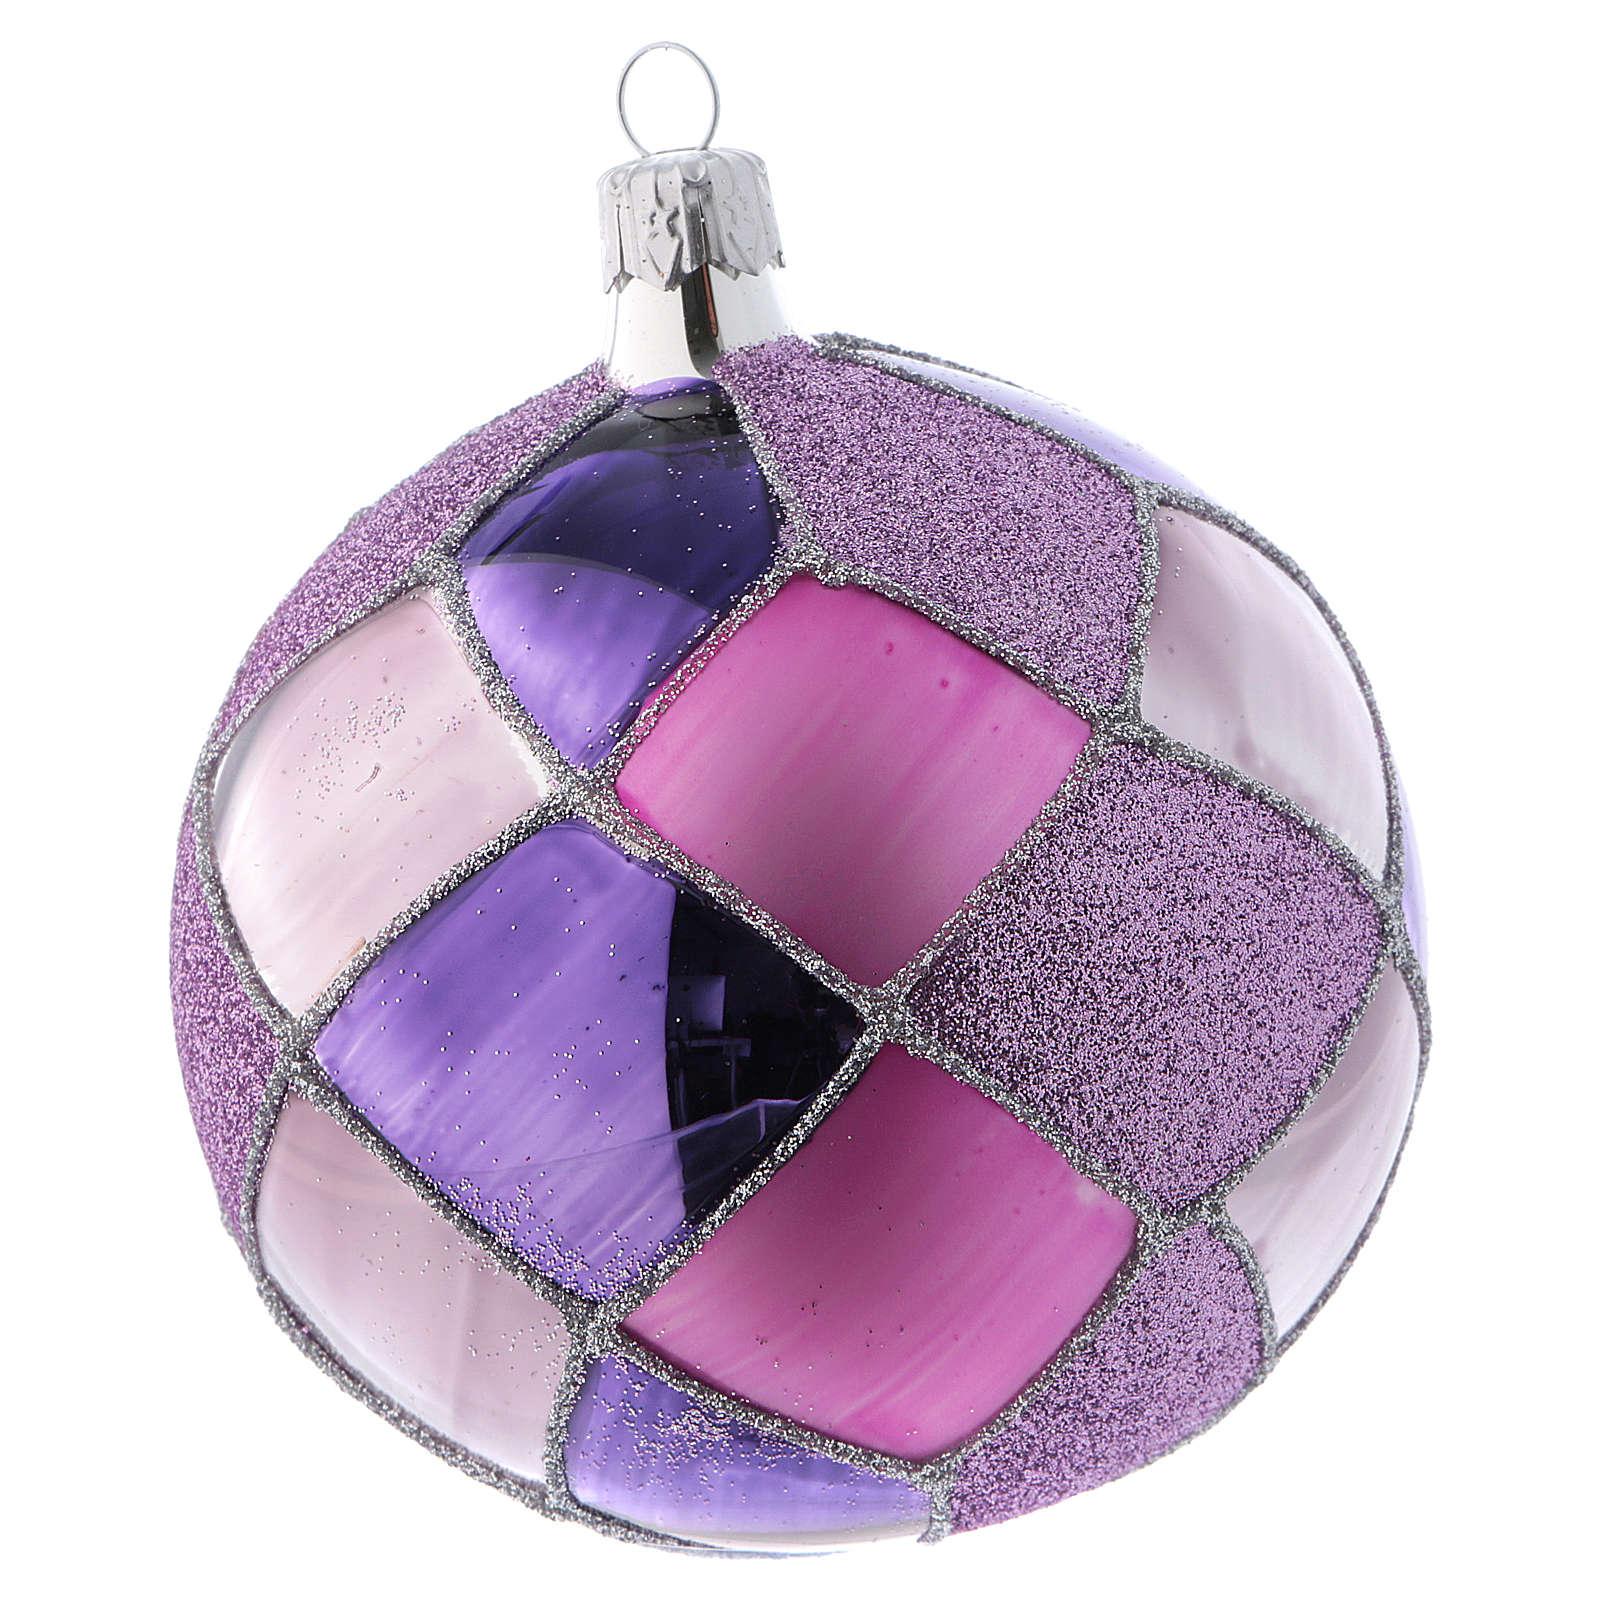 Bolitas de Navidad vidrio con rombos violeta fucsia 100 mm 4 piezas 4